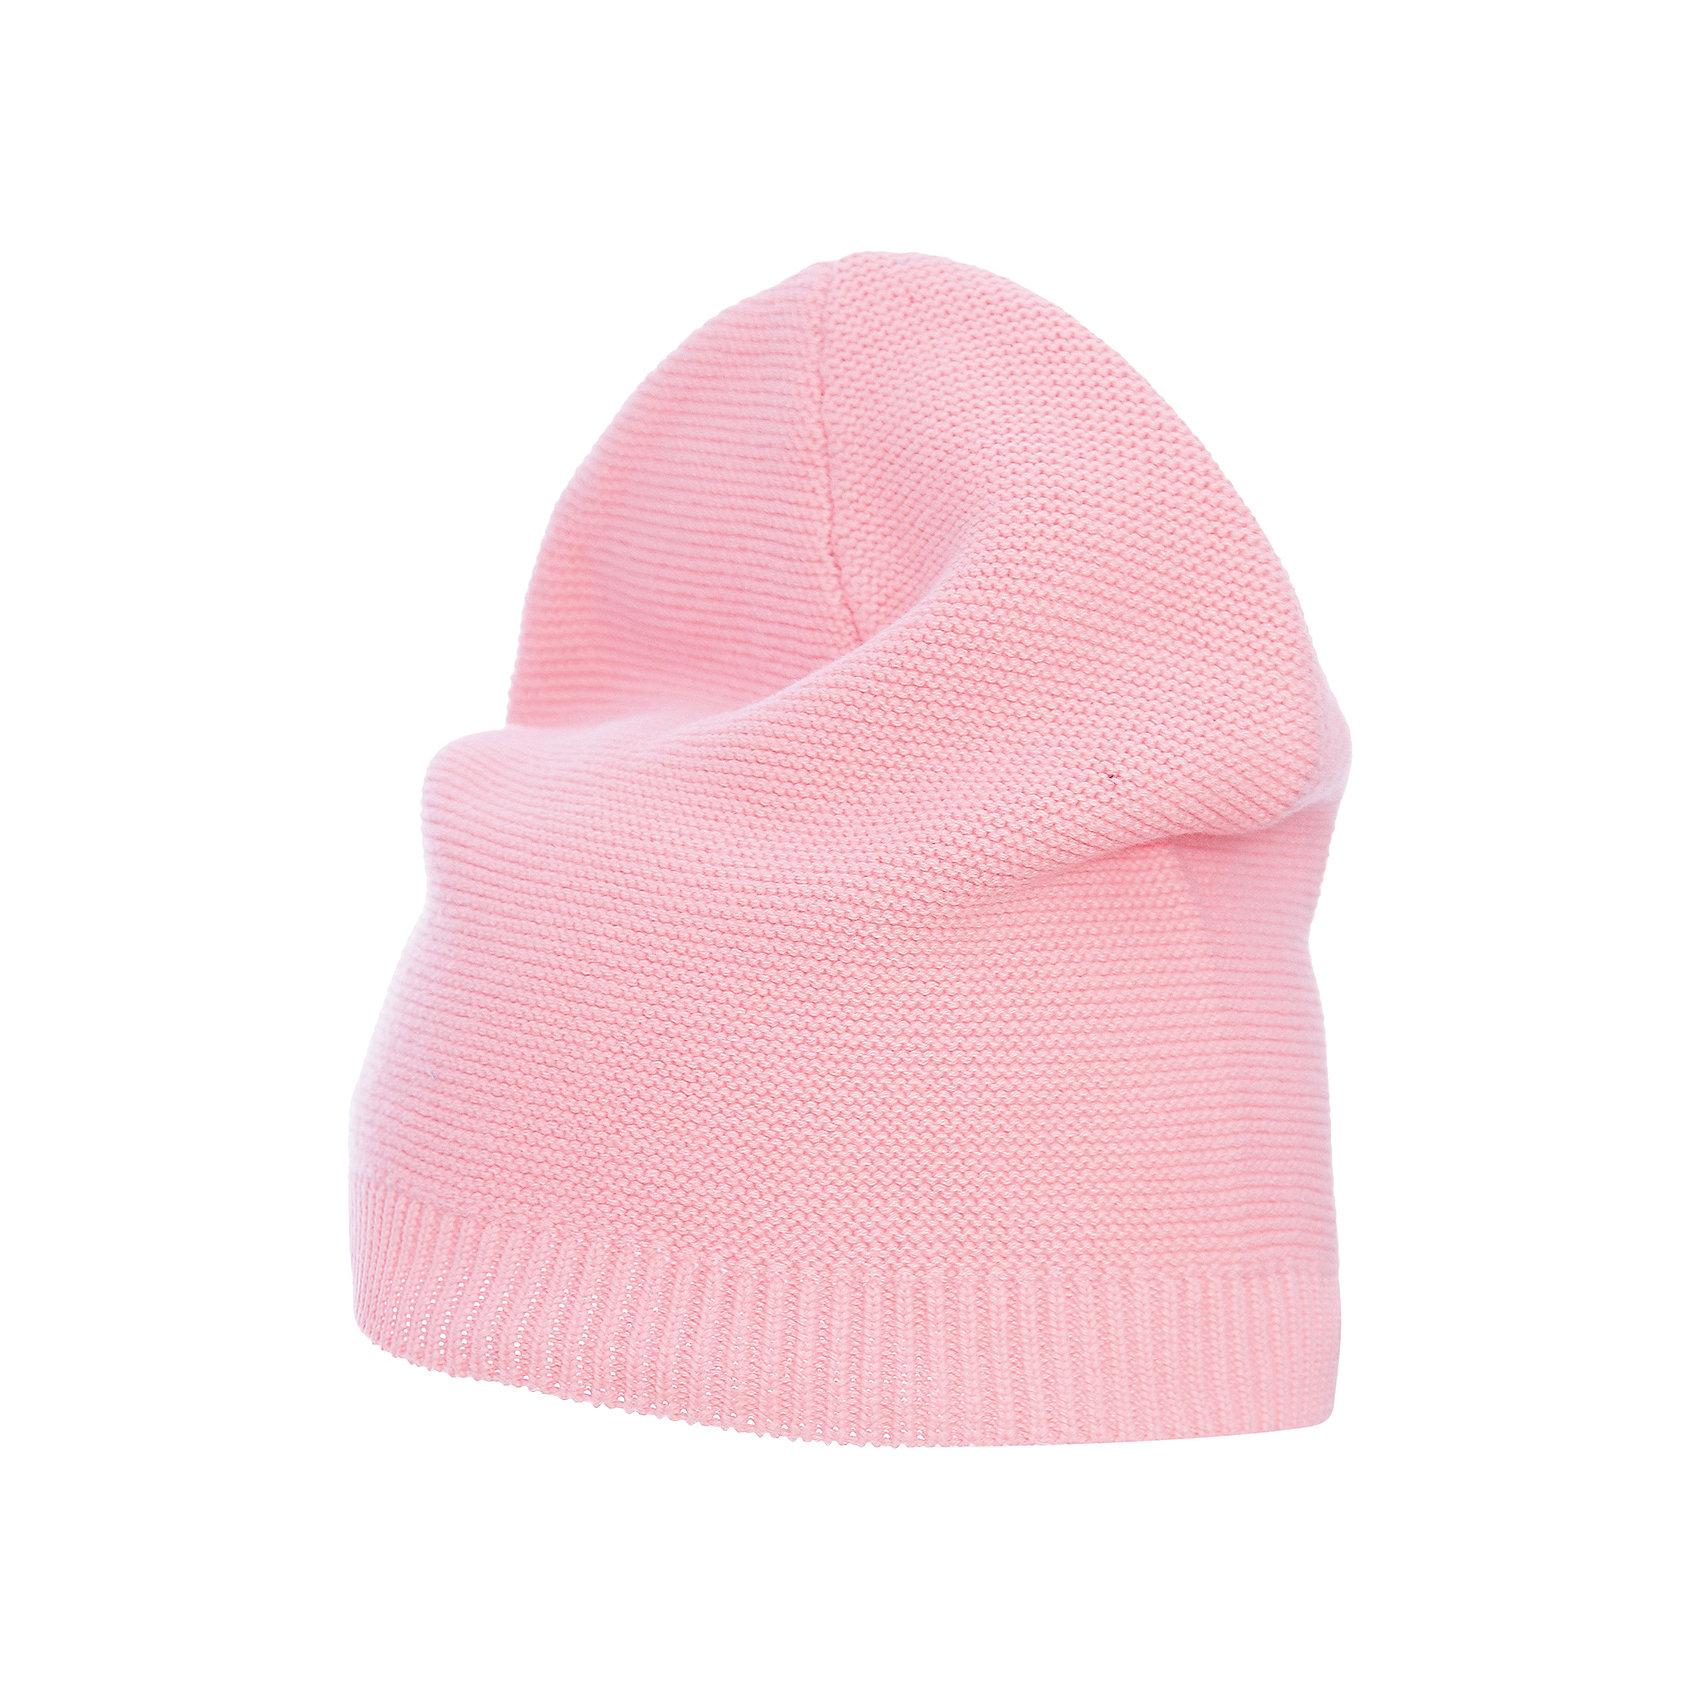 Шапка для девочки GulliverГоловные уборы<br>Стильная вязаная шапка дополнит повседневный образ ребенка. Мягкая, легкая, комфортная, розовая шапка отлично разместится в кармане куртки или жилетки, чтобы в любой момент защитить юную модницу от непогоды и ветра.<br>Состав:<br>100% хлопок<br><br>Ширина мм: 89<br>Глубина мм: 117<br>Высота мм: 44<br>Вес г: 155<br>Цвет: розовый<br>Возраст от месяцев: 48<br>Возраст до месяцев: 60<br>Пол: Женский<br>Возраст: Детский<br>Размер: 52,54<br>SKU: 5484153